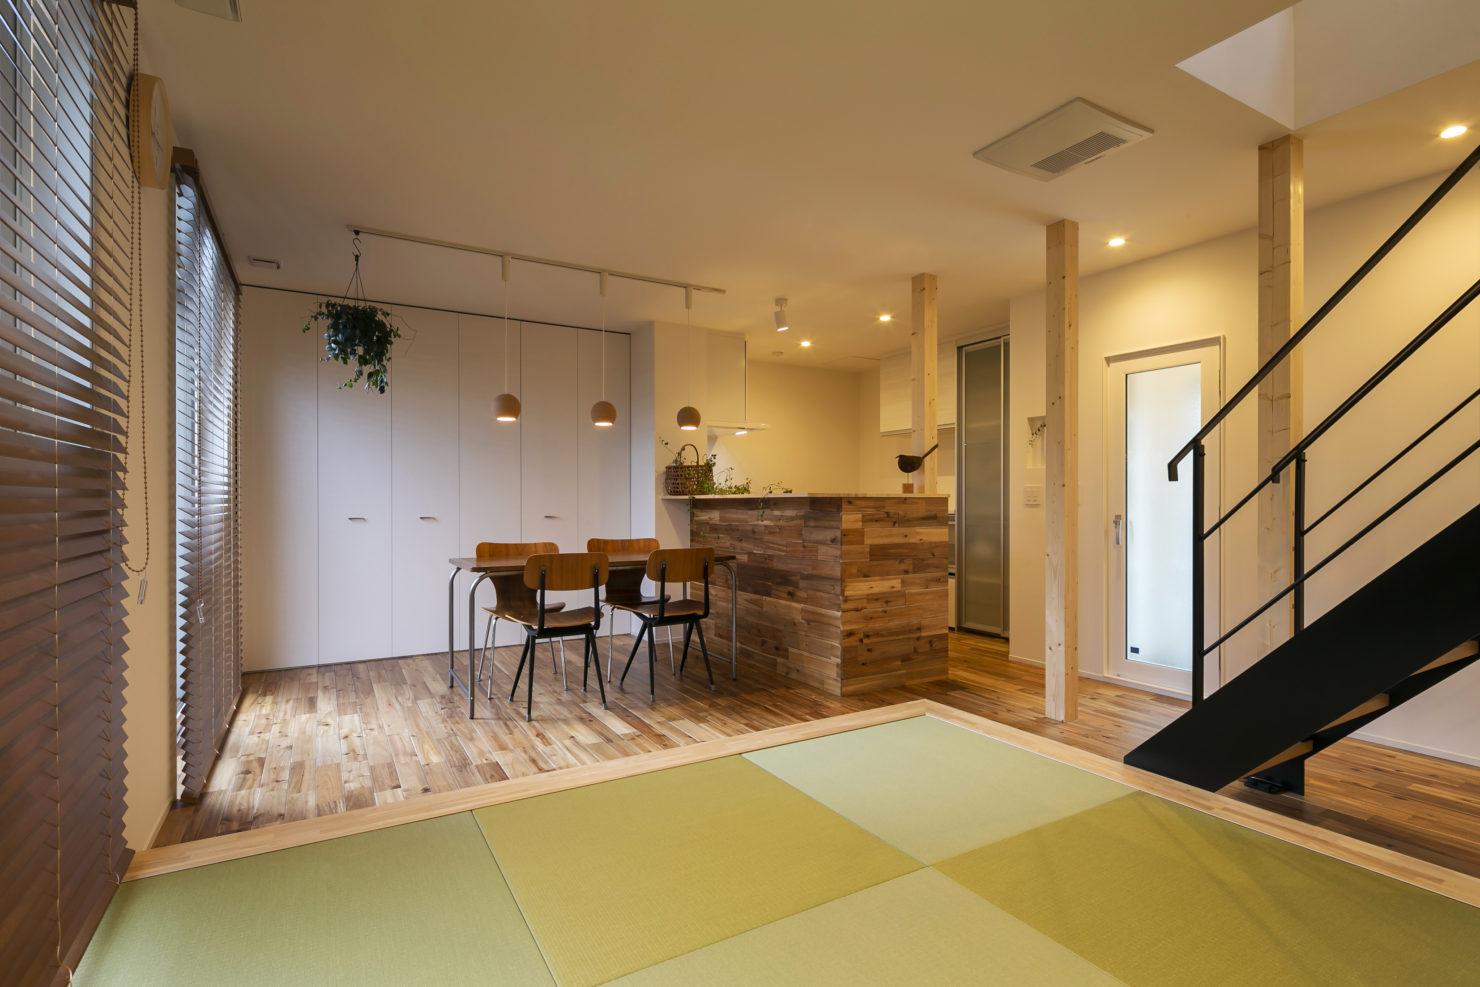 ハウスM21+archi「普段の生活で使いやすく、かつ広く見える工夫を」リビングダイニング写真